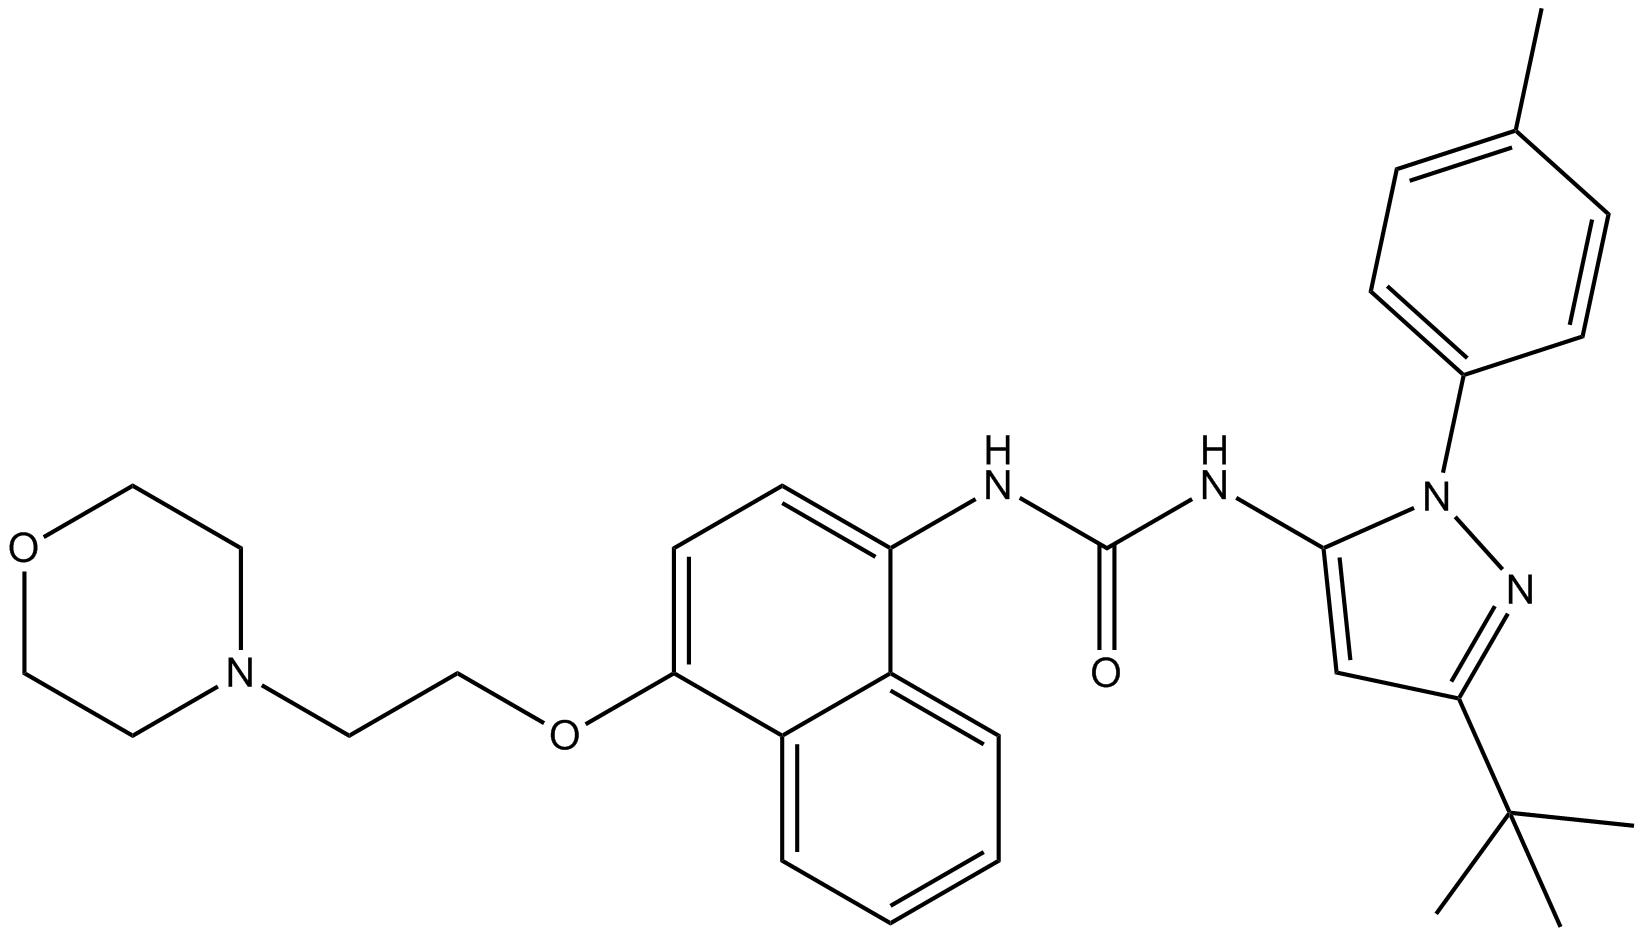 BIRB 796 (Doramapimod)